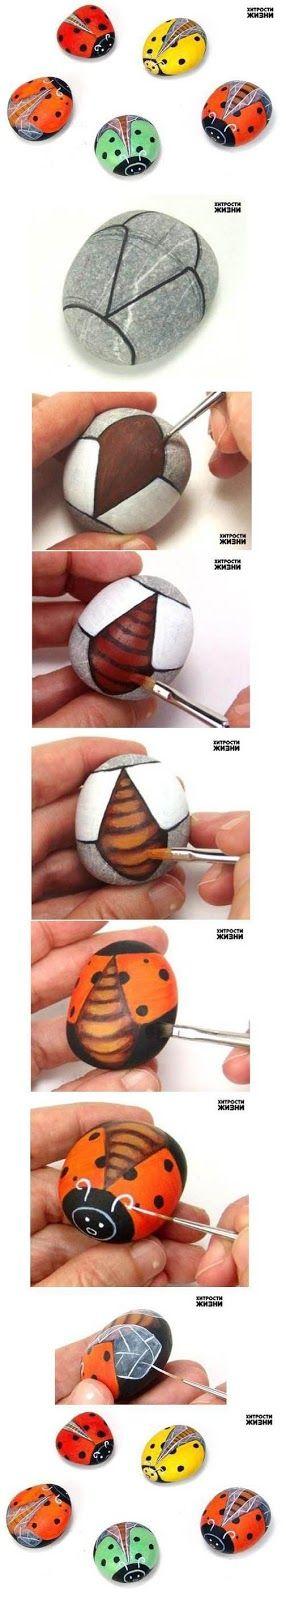 Ιδέες για χειροτεχνία και δημιουργική απασχόληση, διακόσμηση αμπαζούρ, πρωτότυπες κατασκευές, χειροτεχνίες, χρωματισμένα φυσικά τριαντάφυλλά, Χριστουγεννιάτικο δένδρο, χειροτεχνίες με το κέλυφος του αυγού, Ideas for crafts, Idées pour l'artisanat,  Ideen für das Handwerk